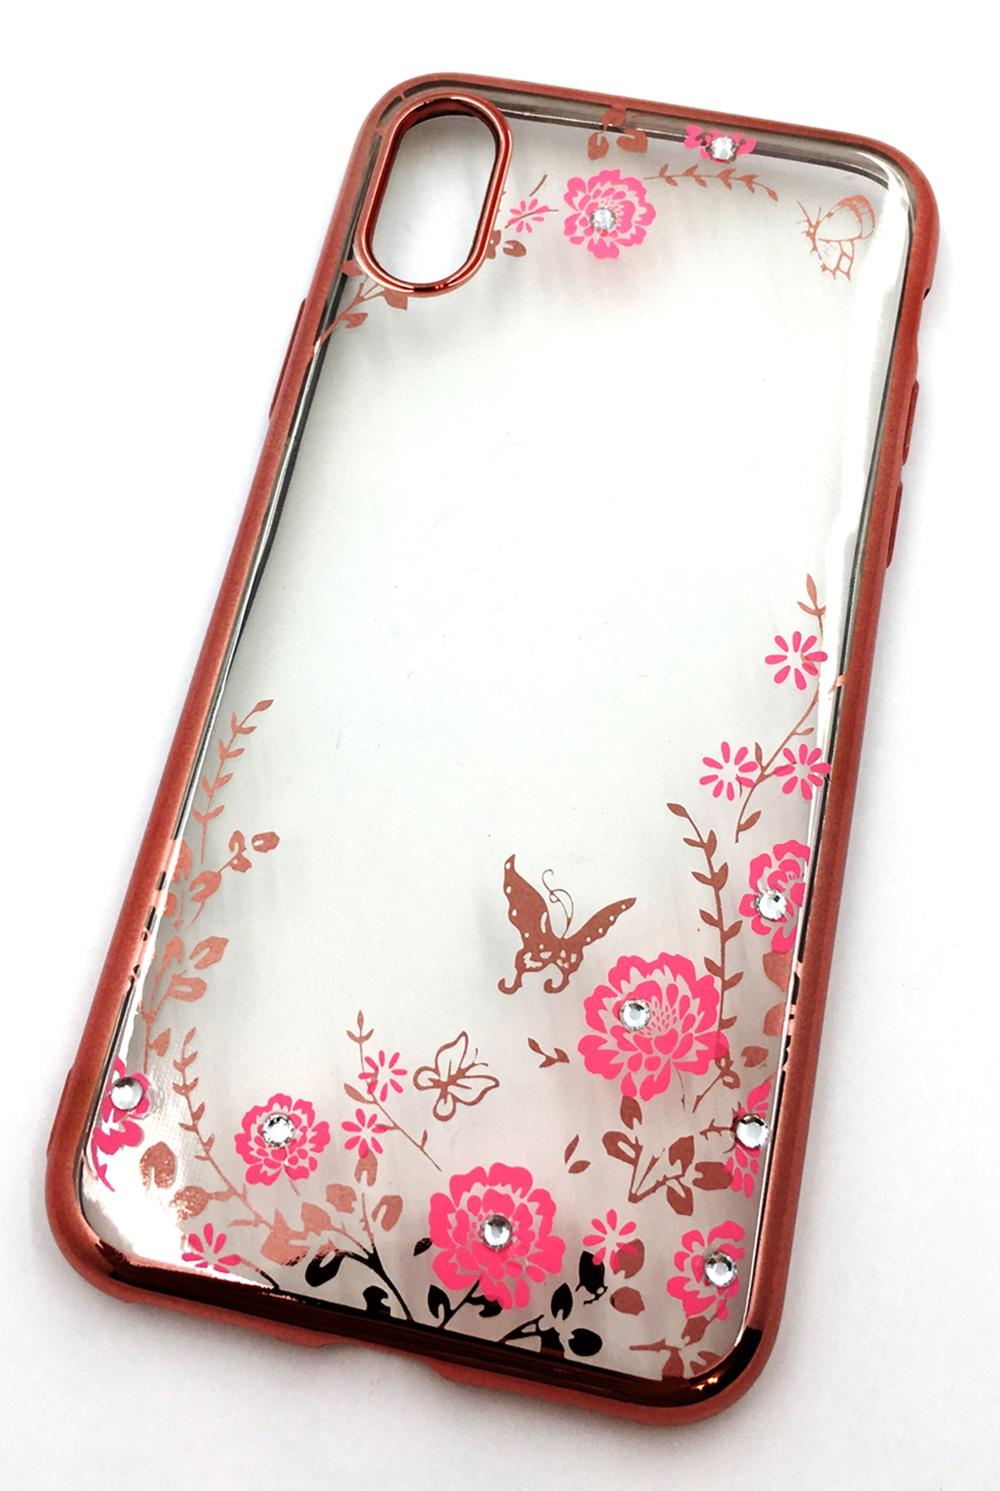 Чехол для сотового телефона Мобильная мода iPhone X Силиконовая, прозрачная накладка со стразами, 6973R, розовый цена и фото